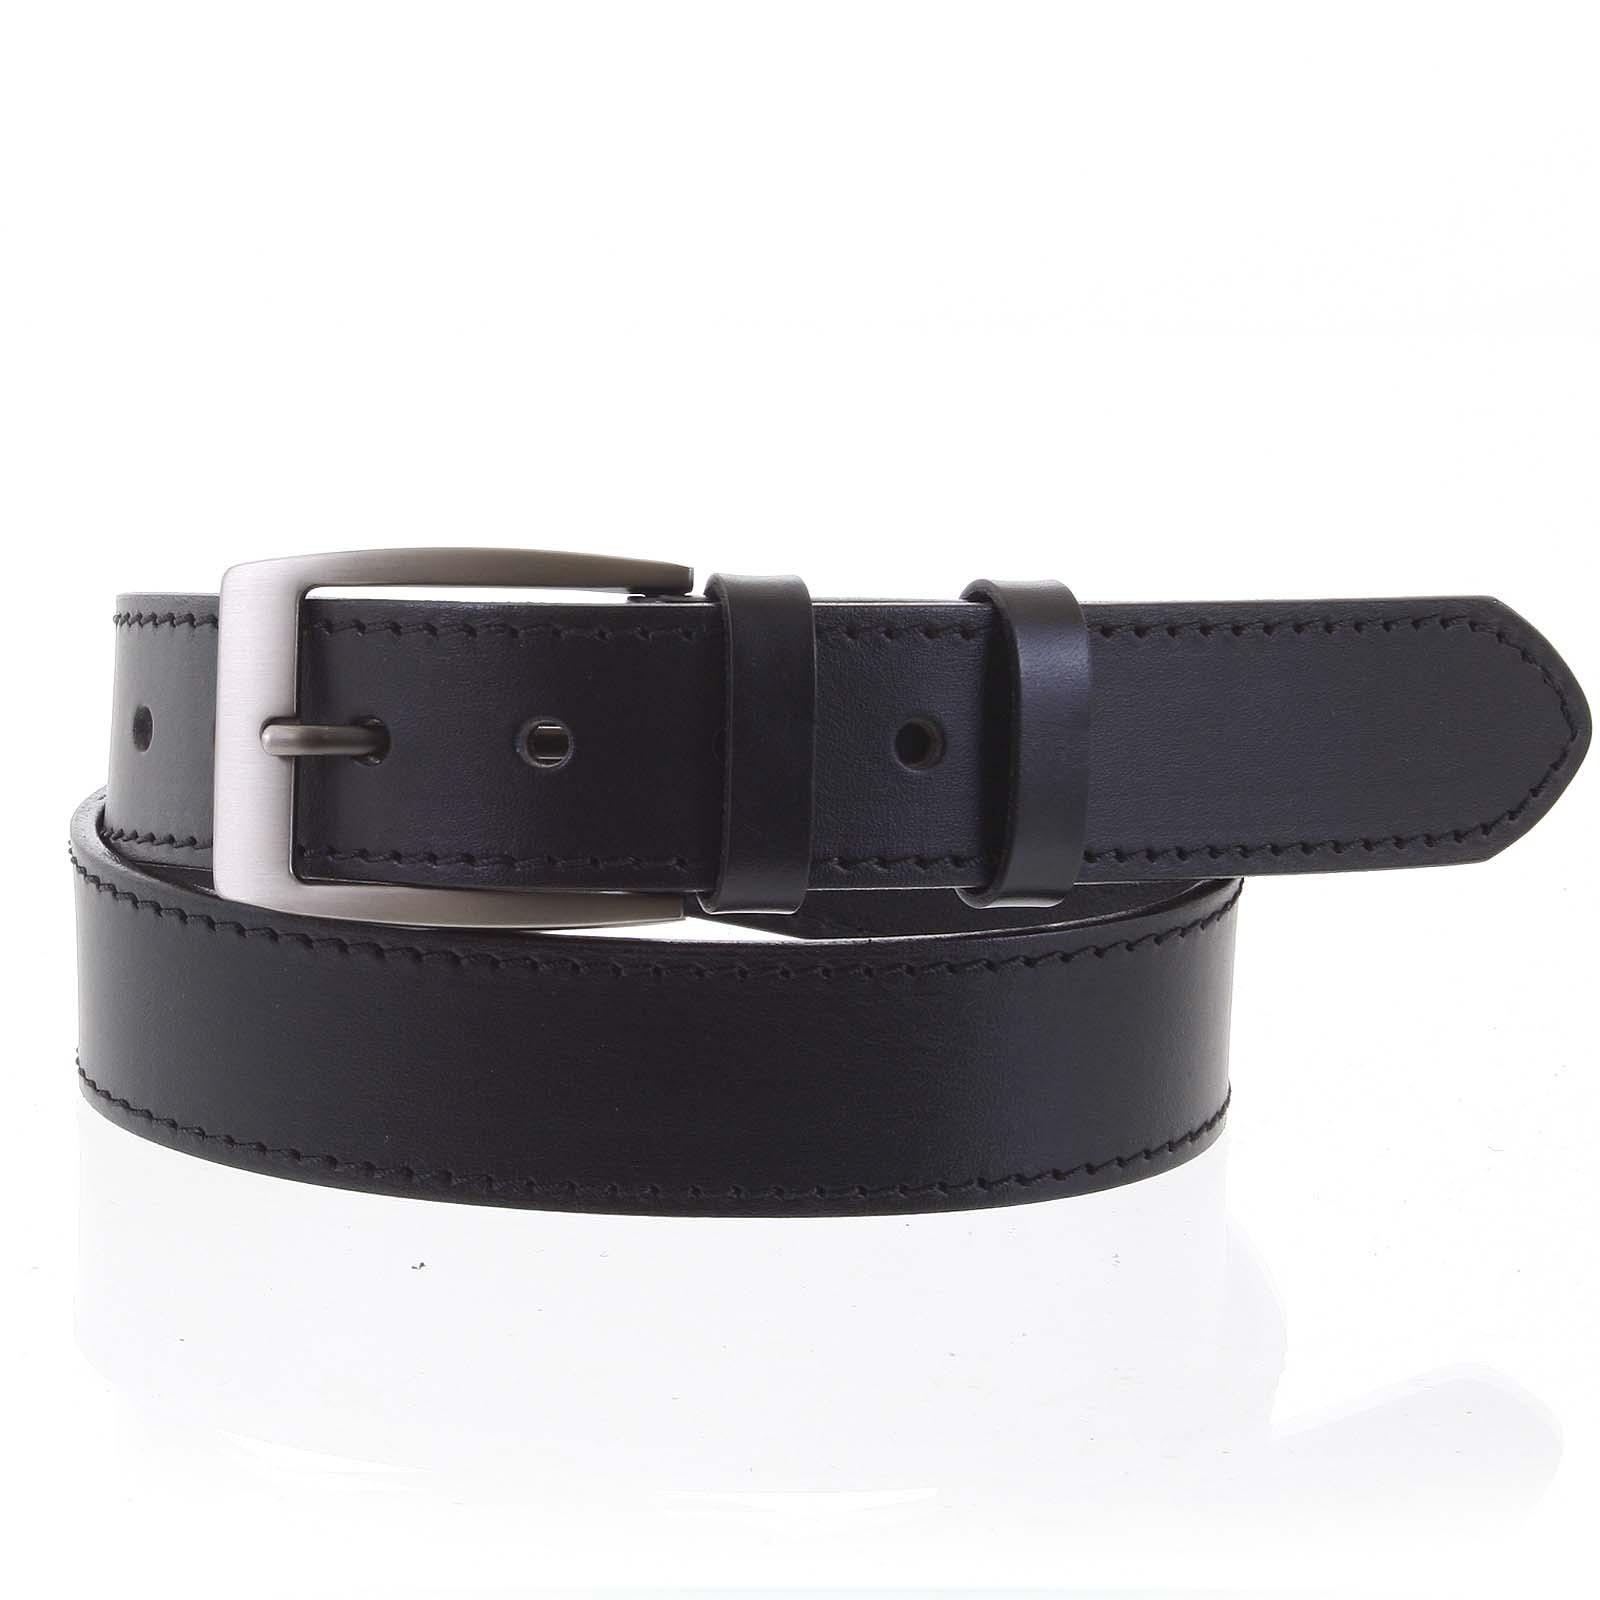 Pánsky kožený opasok jeansový čierny - PB Adami 115